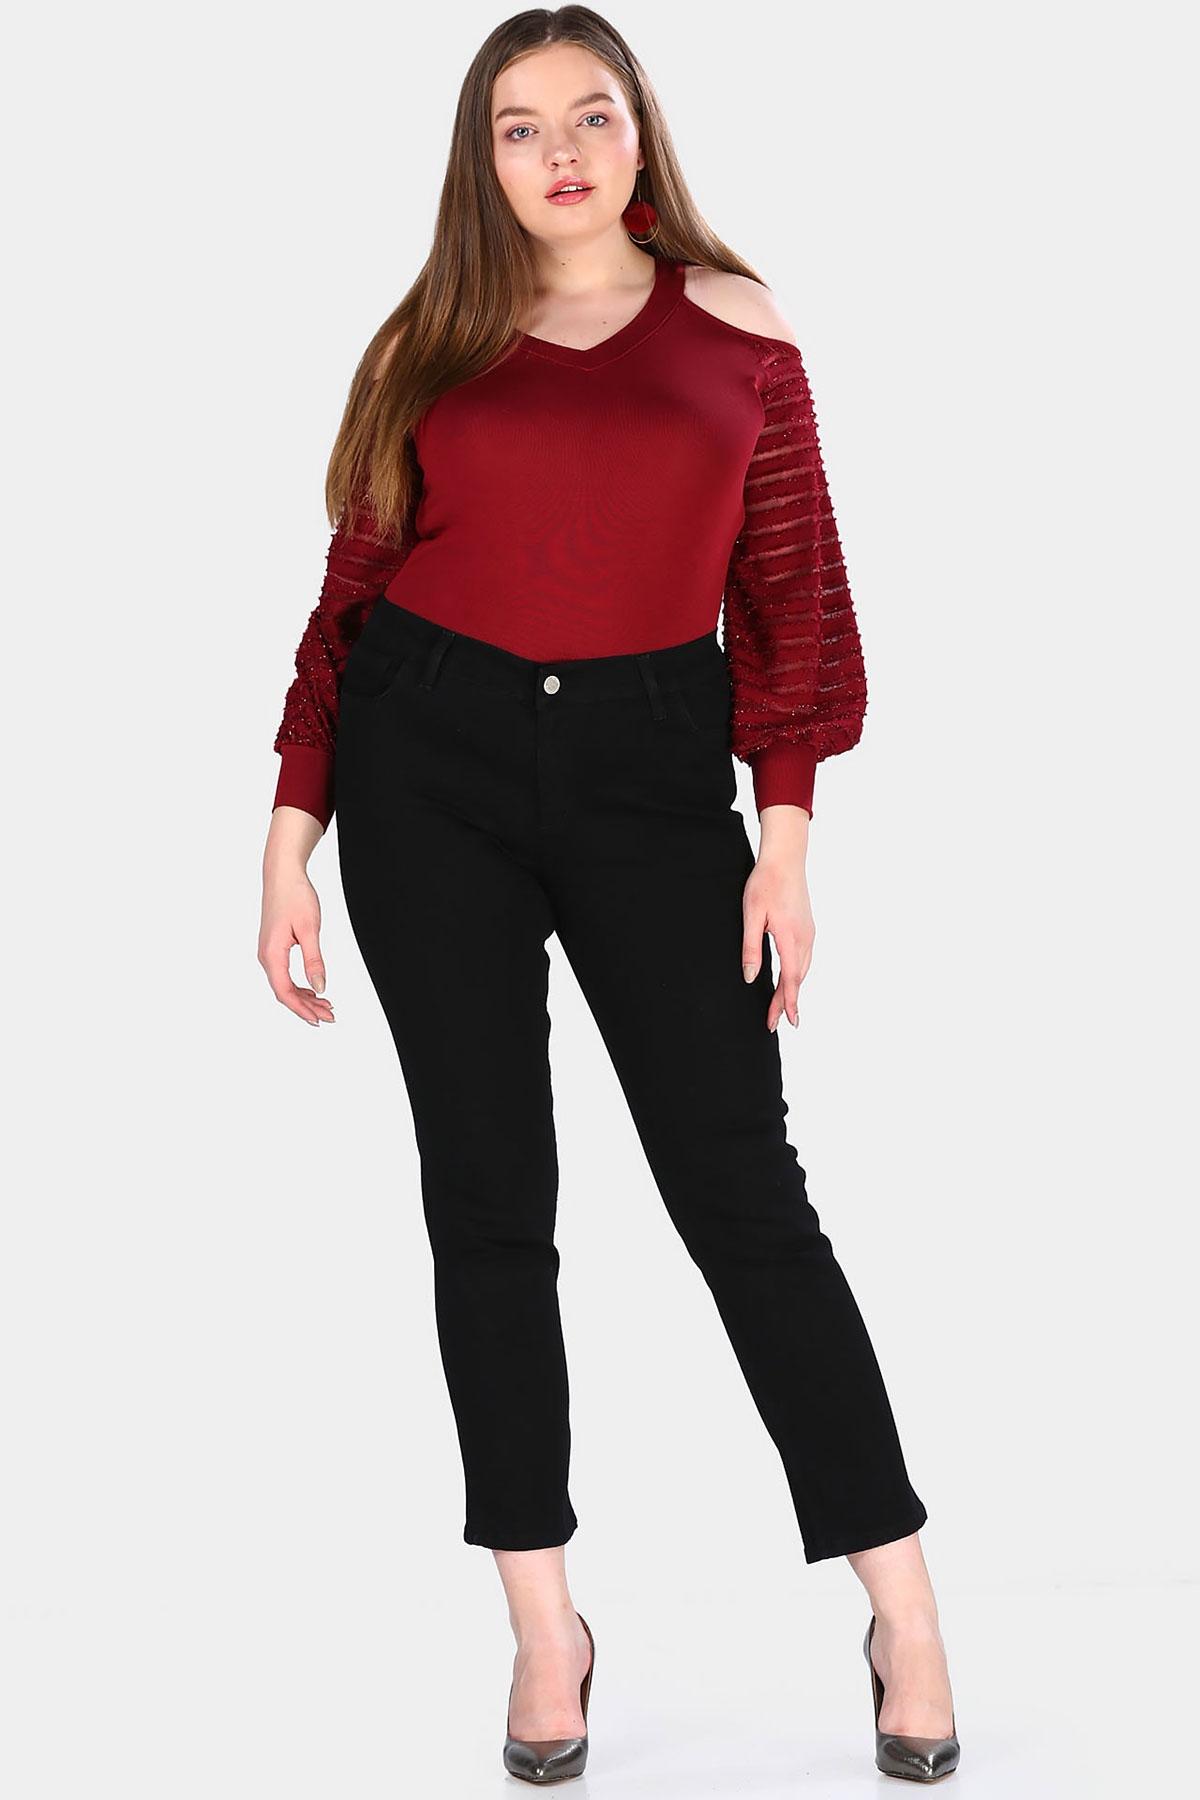 جينز أسود اللون مقاس كبير نسائي